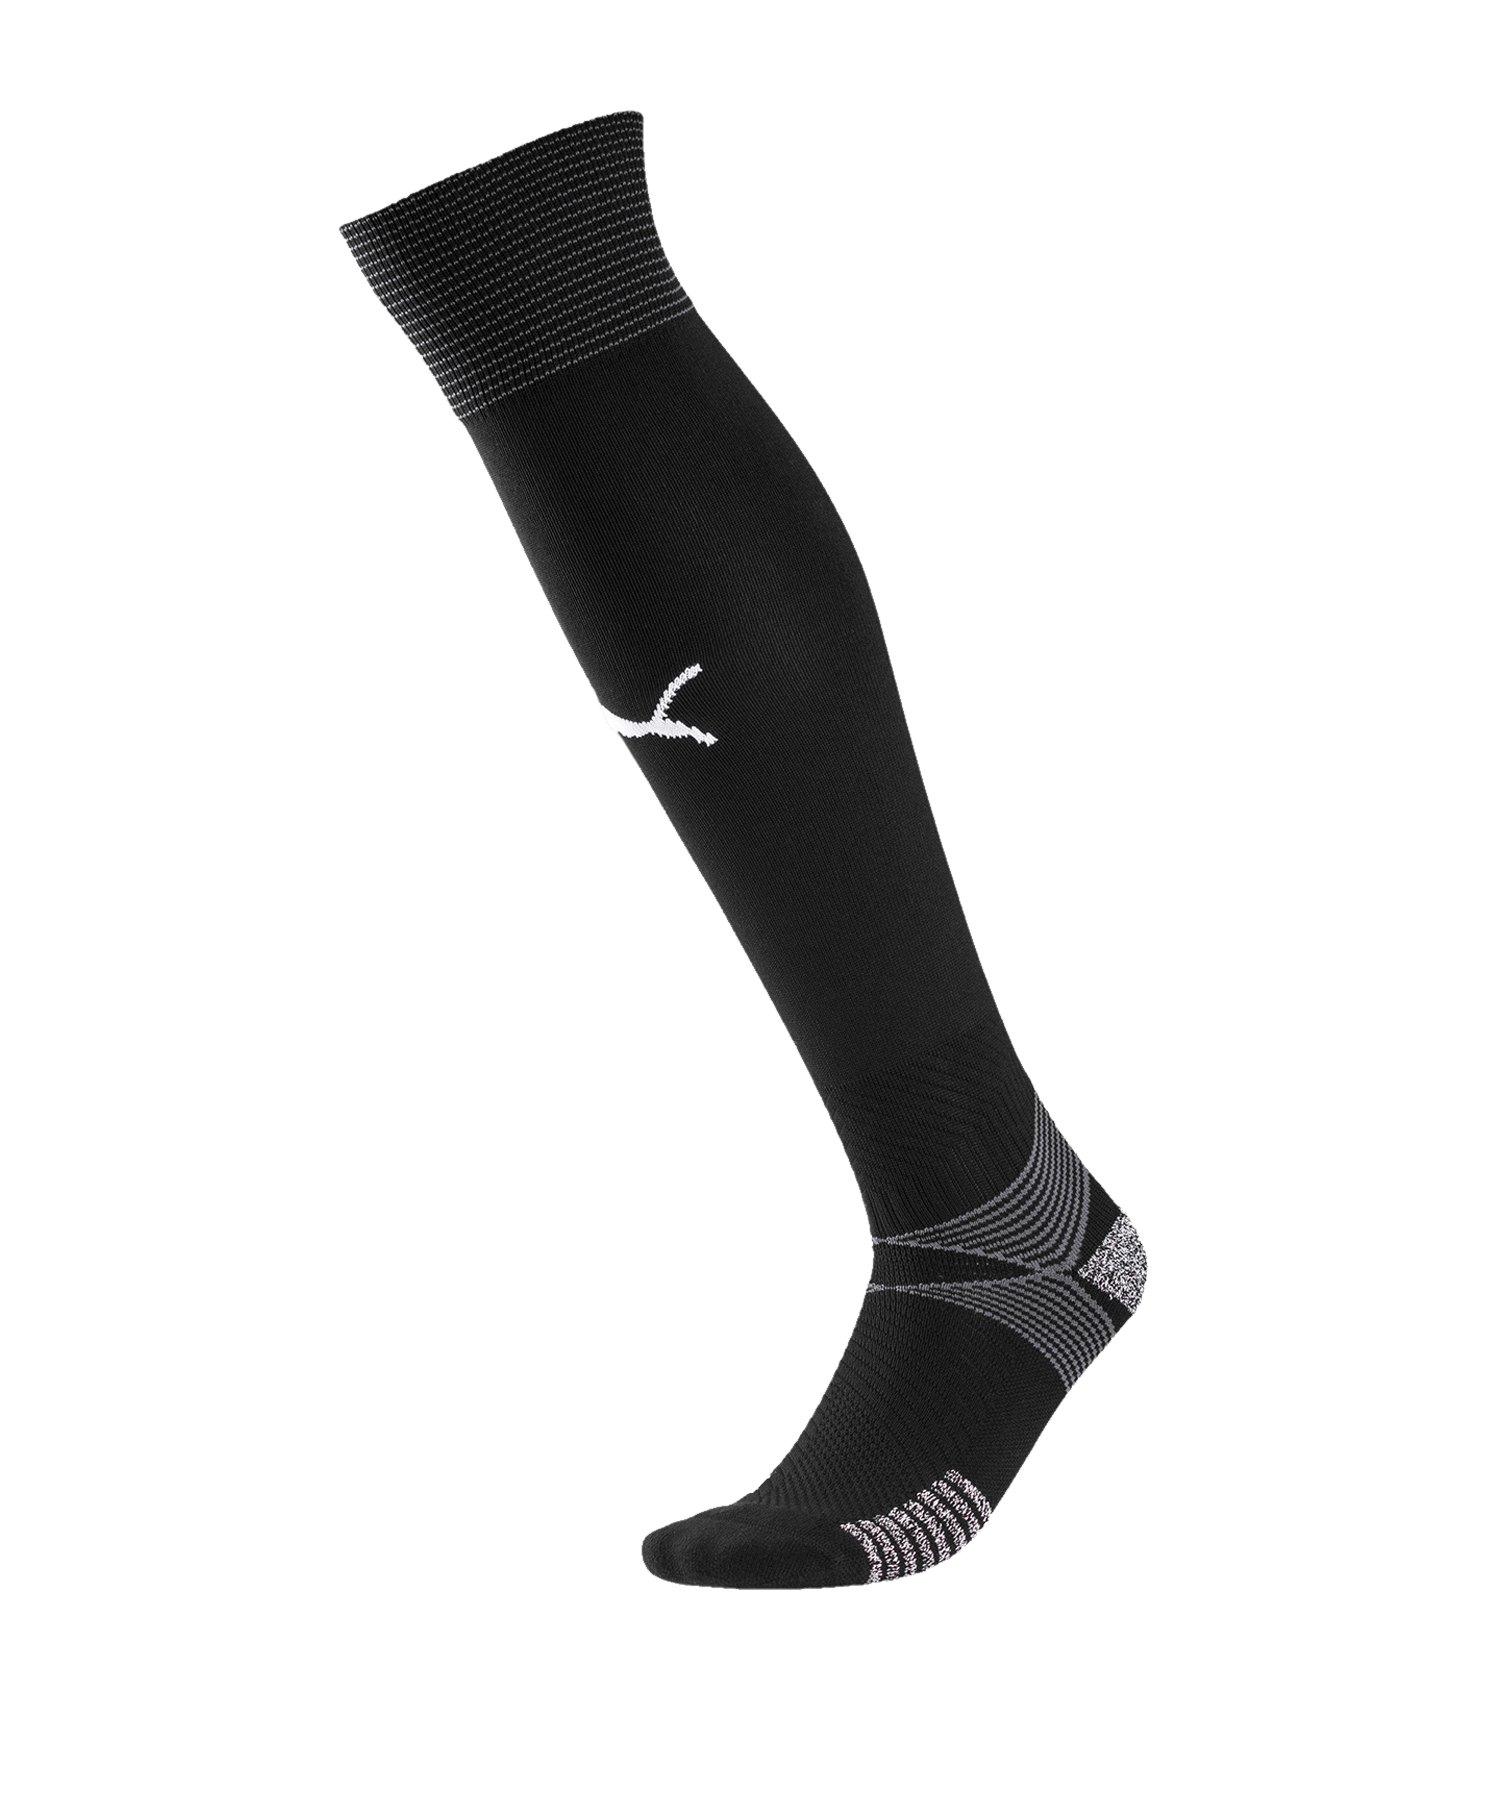 PUMA teamFINAL 21 Socks Stutzenstrümpfe F03 - schwarz